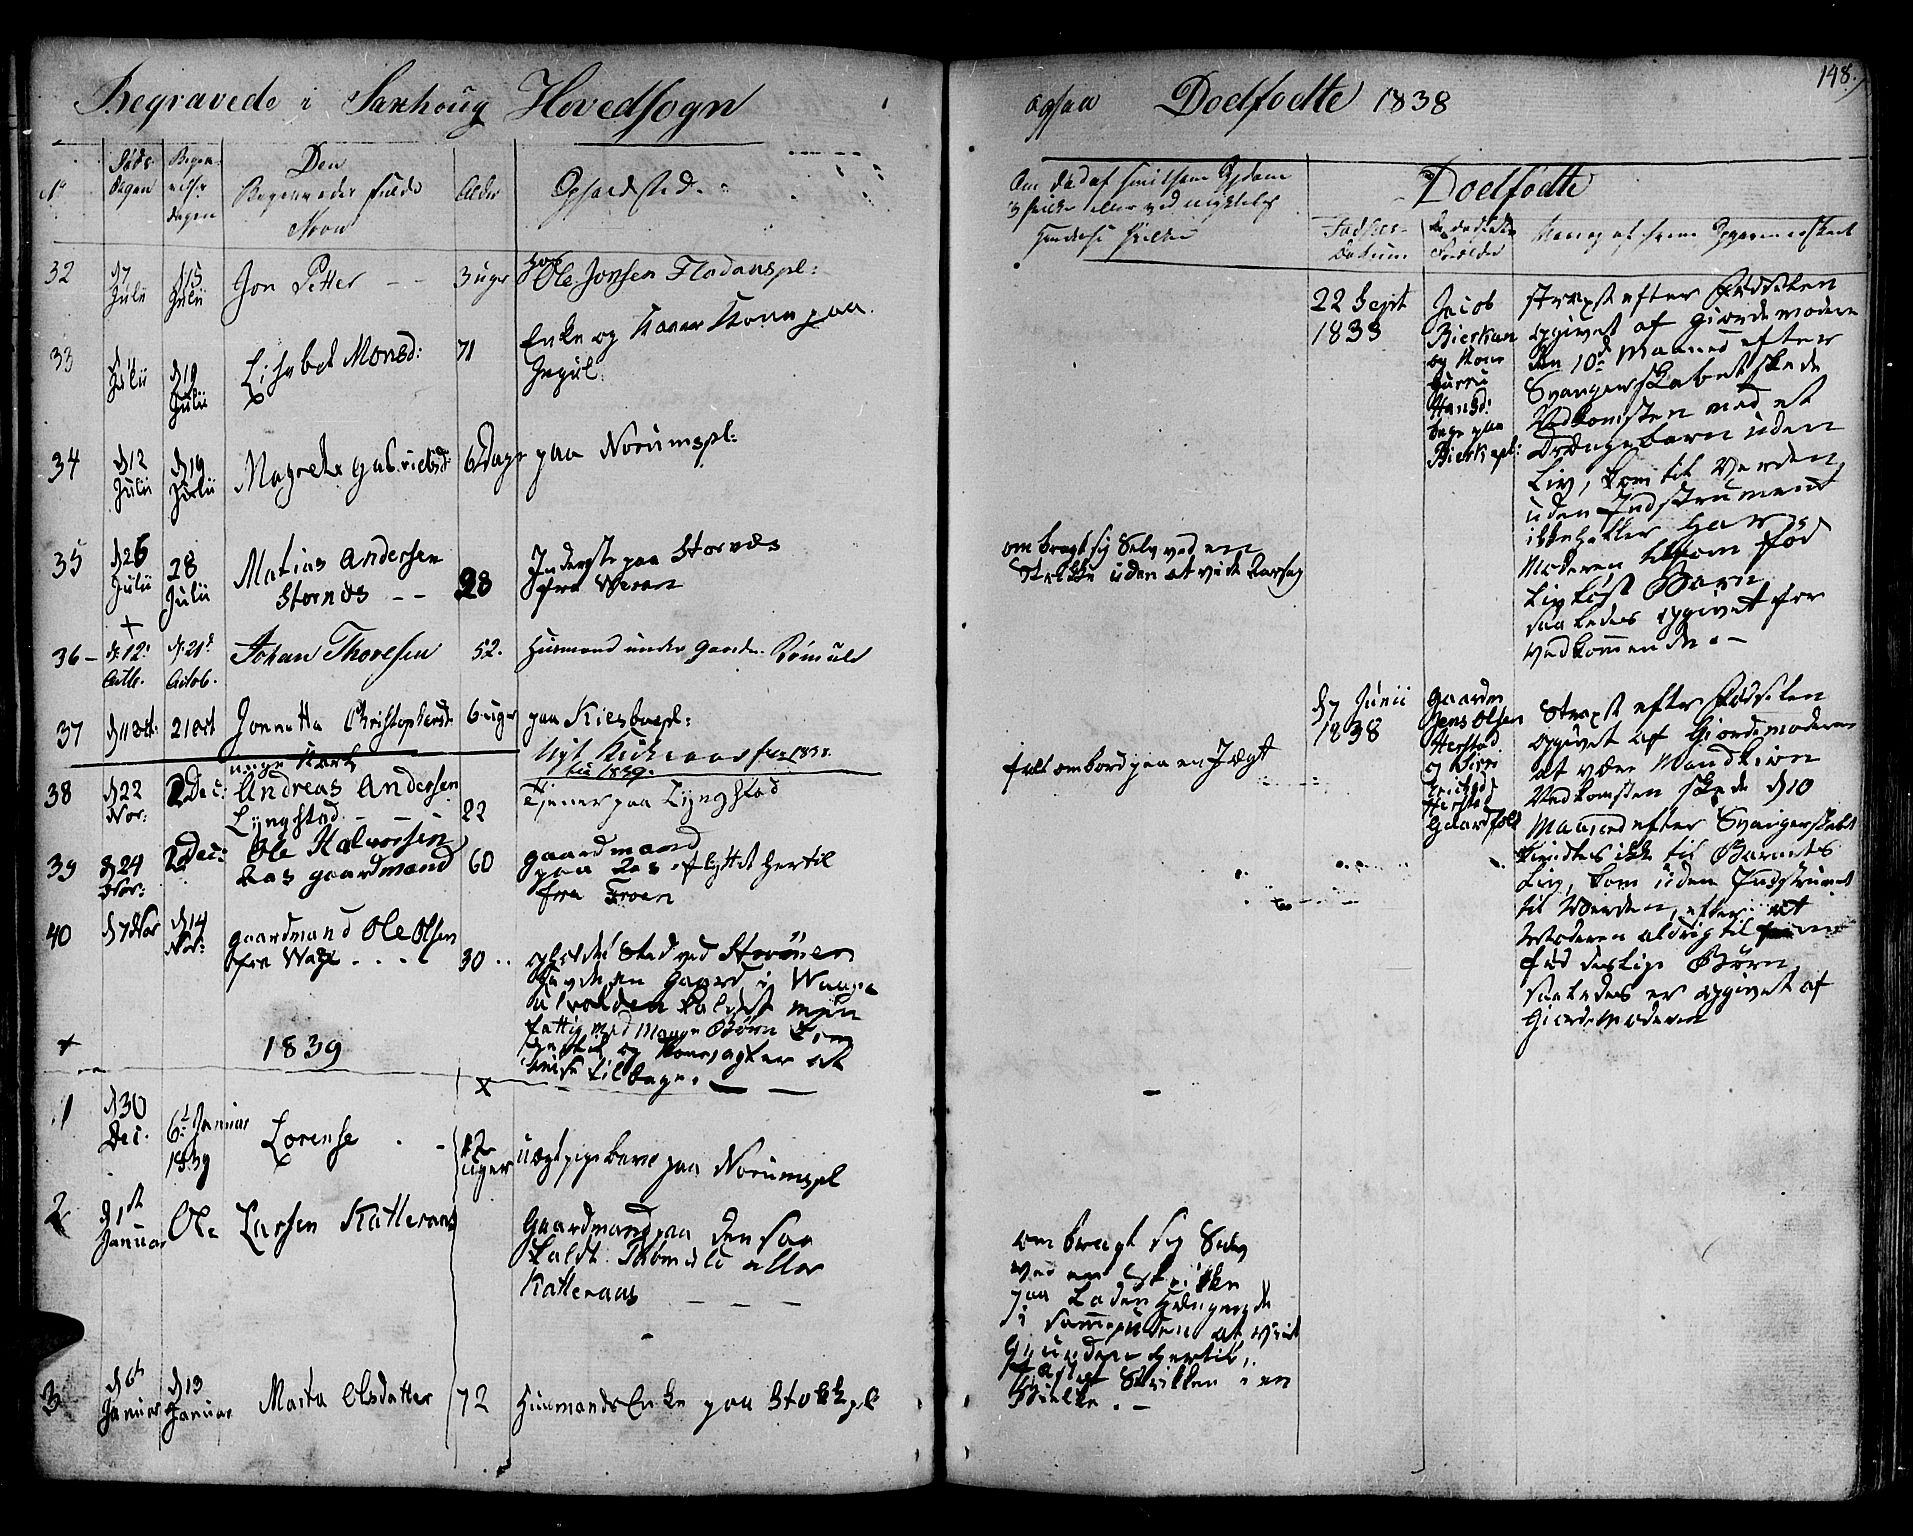 SAT, Ministerialprotokoller, klokkerbøker og fødselsregistre - Nord-Trøndelag, 730/L0277: Ministerialbok nr. 730A06 /1, 1830-1839, s. 148